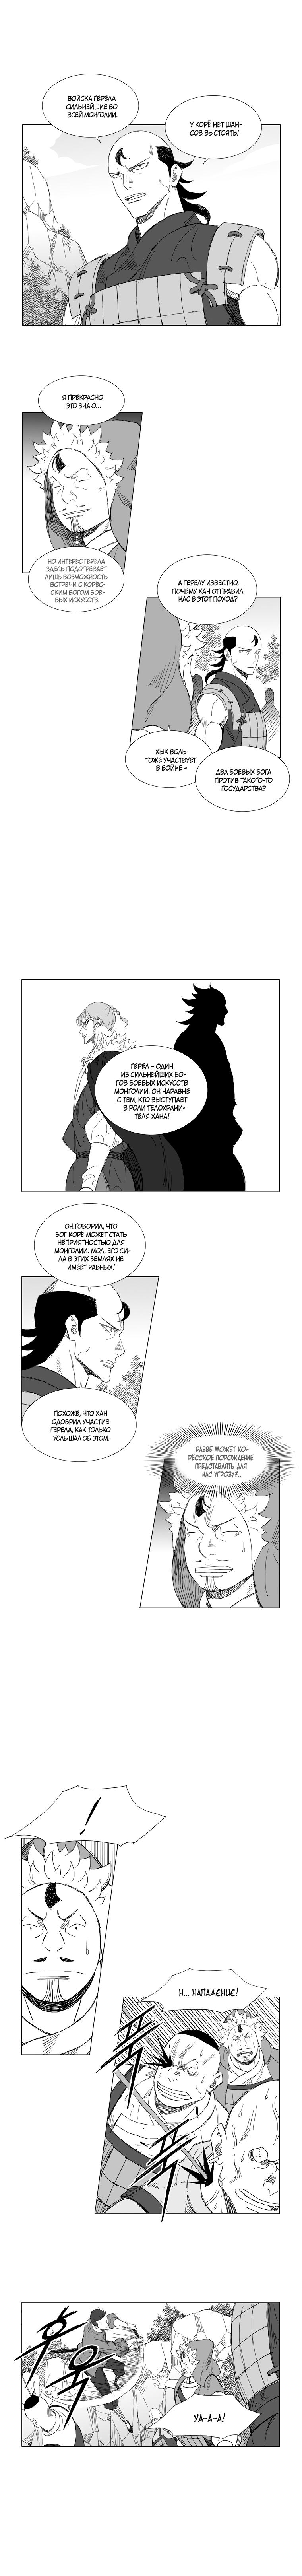 https://r1.ninemanga.com/comics/pic3/39/28263/1325929/1553301940344.png Page 4